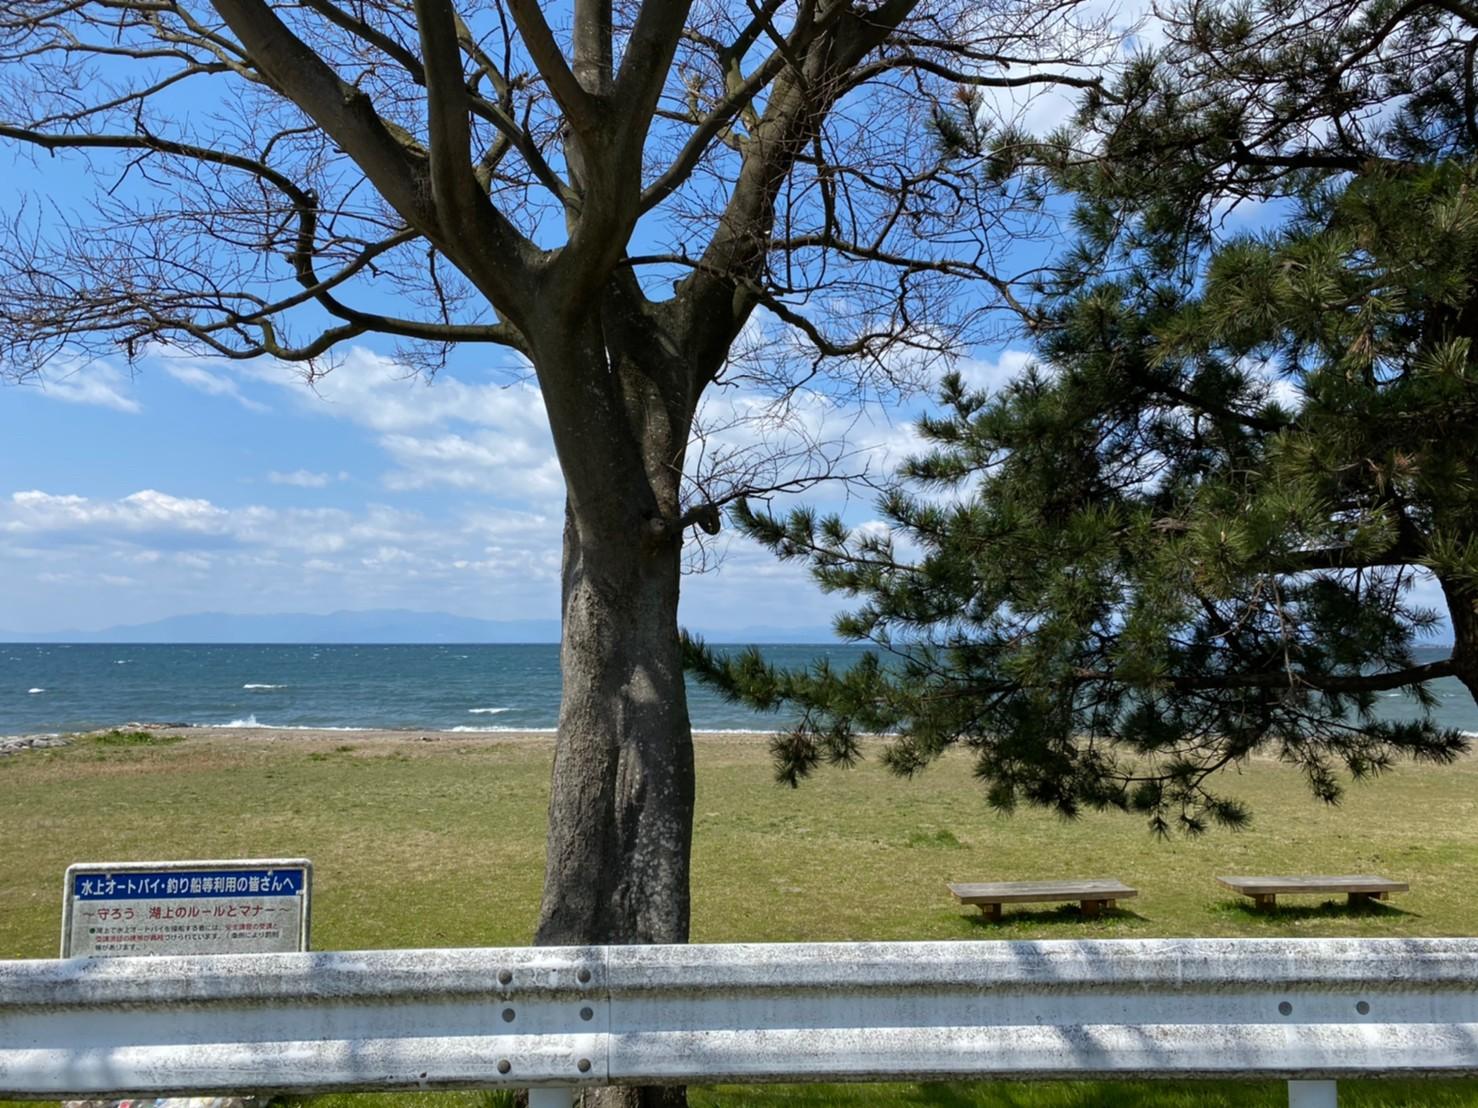 【長浜市】『湖岸緑地 さいかち浜』のアウトドア